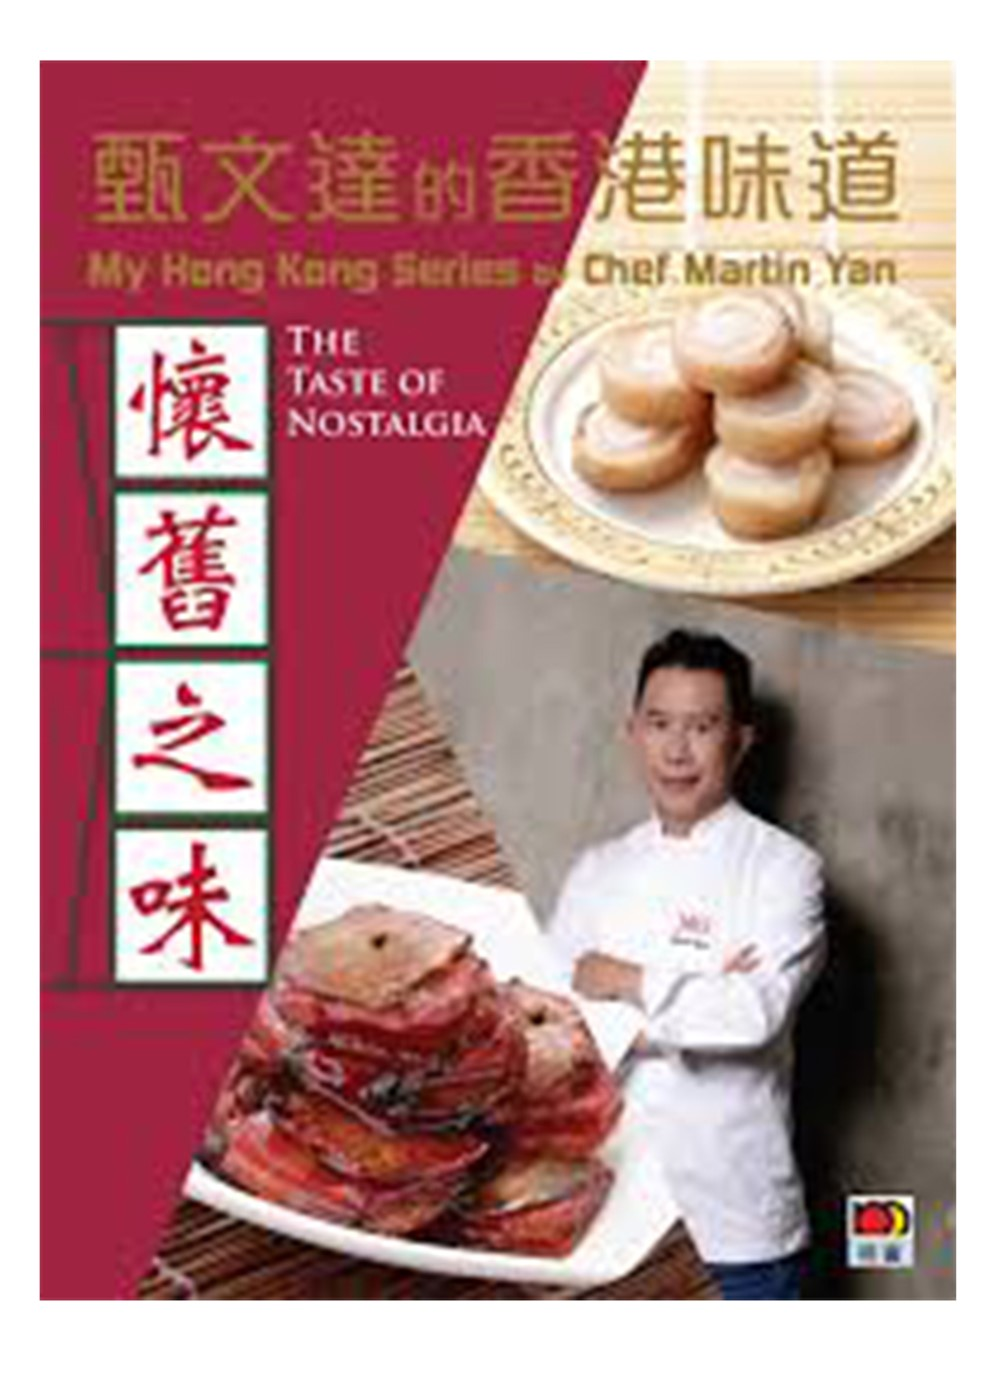 甄文達的香港味道:懷舊之味